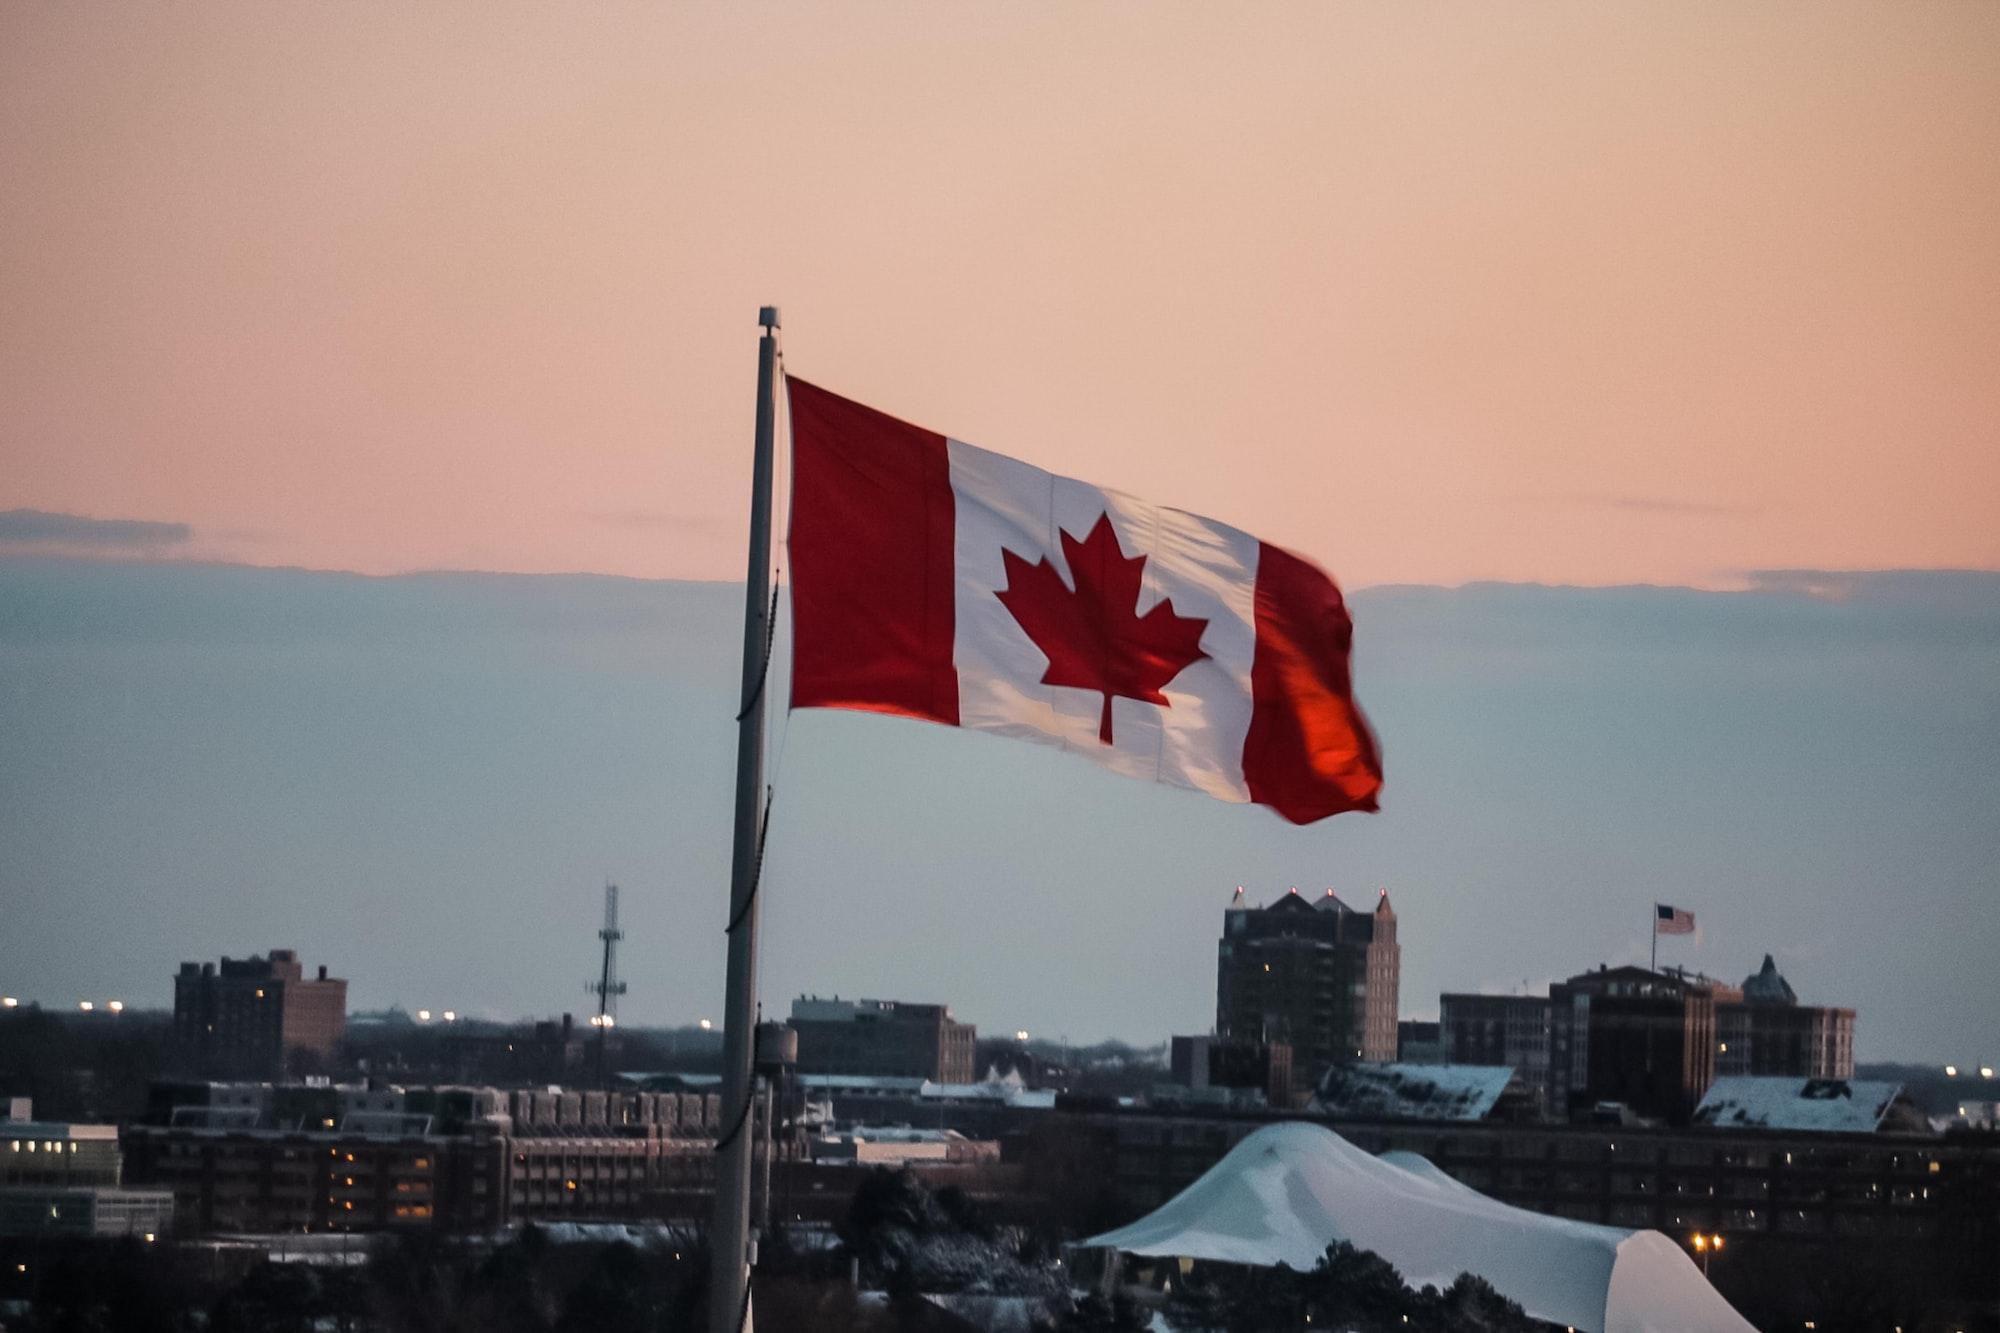 加拿大移民申请期限大幅缩减!体检不用做,证件过期也能入境?!